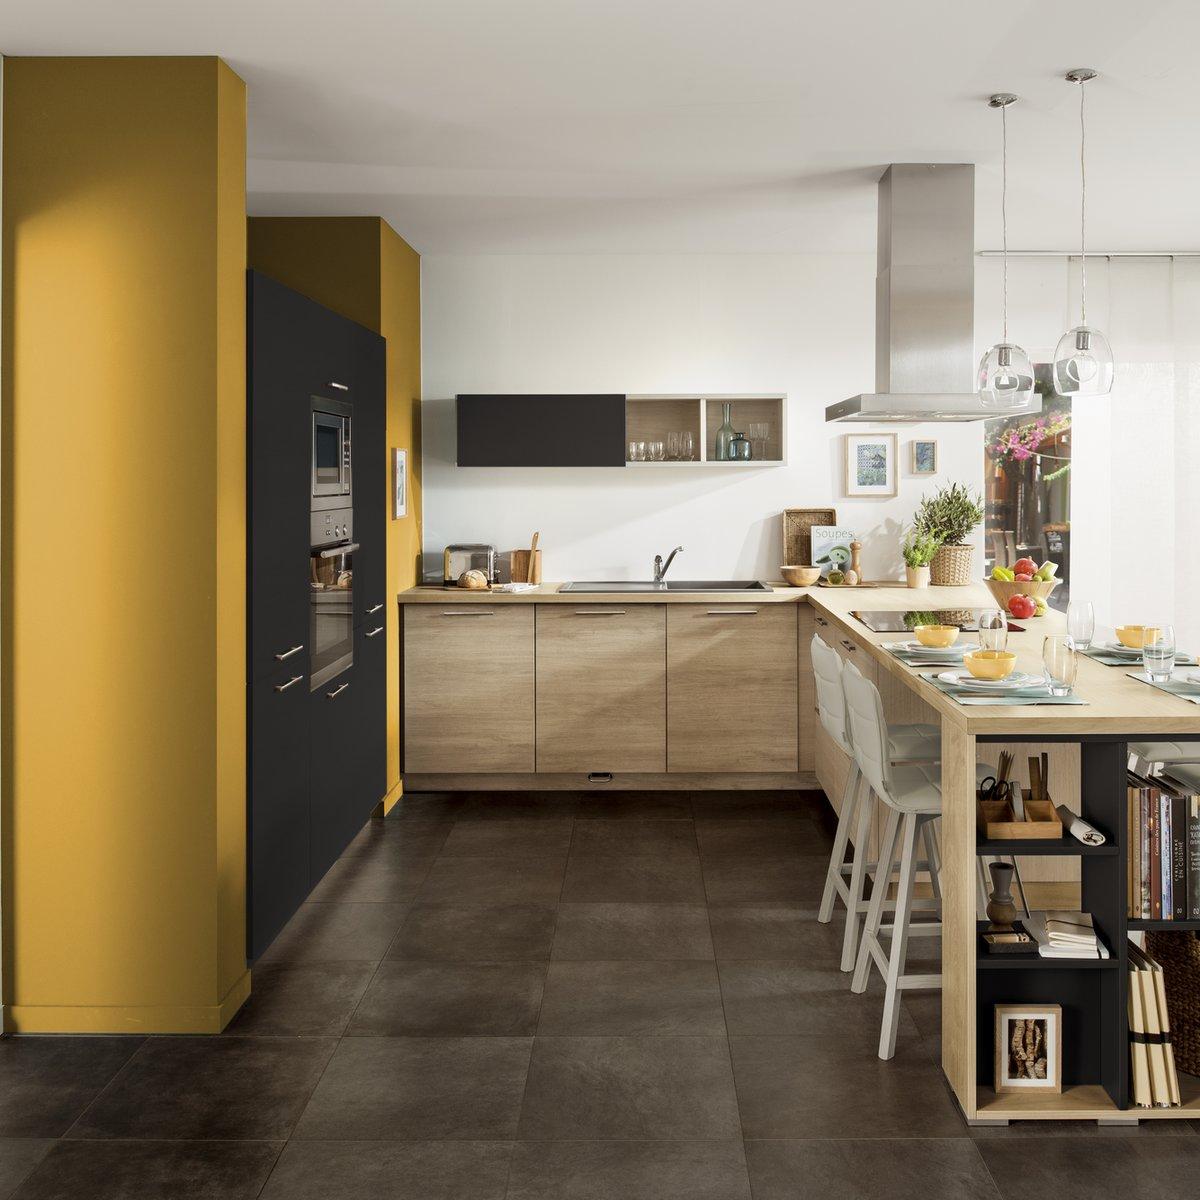 Le bois Vintage Oak de cette cuisine se marie parfaitement au mur jaune moutarde.